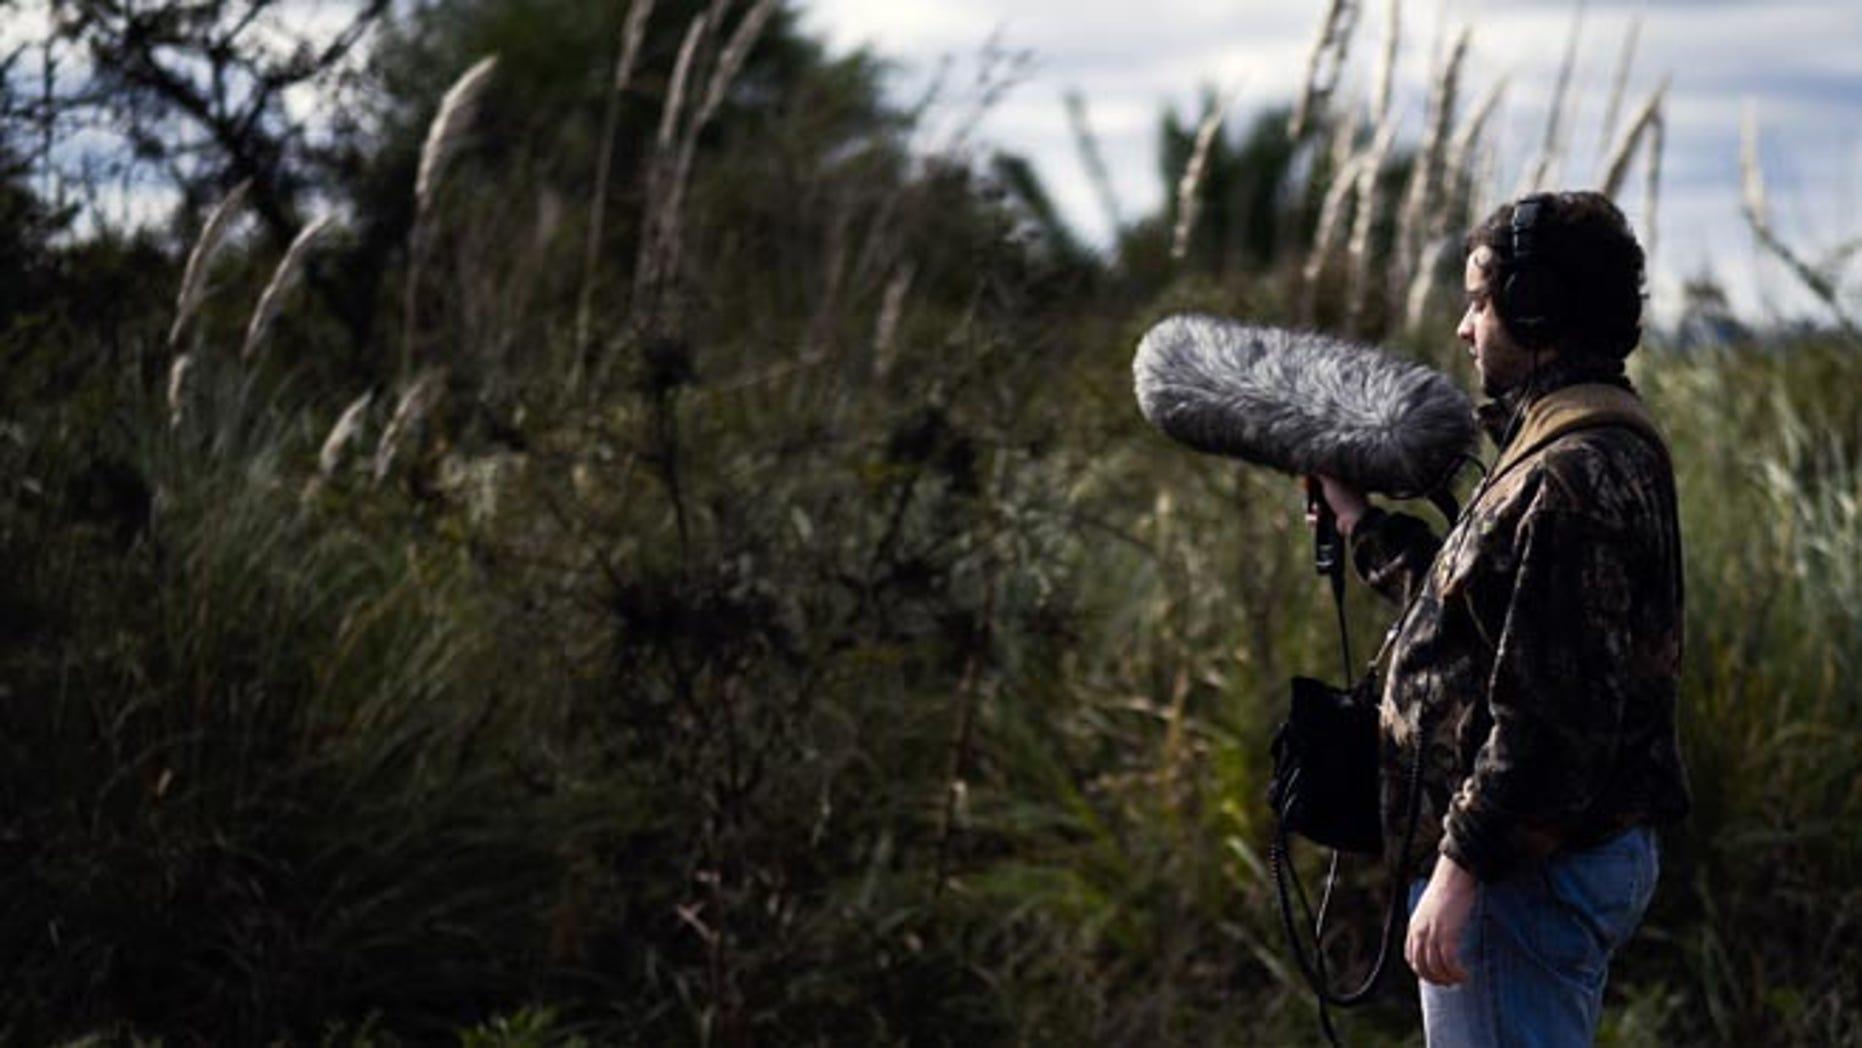 En esta imagen del 1 de junio de 2016, Juan Pablo Culasso en una reserva natural con su equipo de grabación a las afueras de Montevideo, Uruguay. Su cacería de sonidos comenzó en 2003 cuando, influido por el amor que se le había despertado por los pájaros y fiel a su espíritu aventurero, acompañó a un ornitólogo en una salida de campo. (AP Foto/Matilde Campodonico)